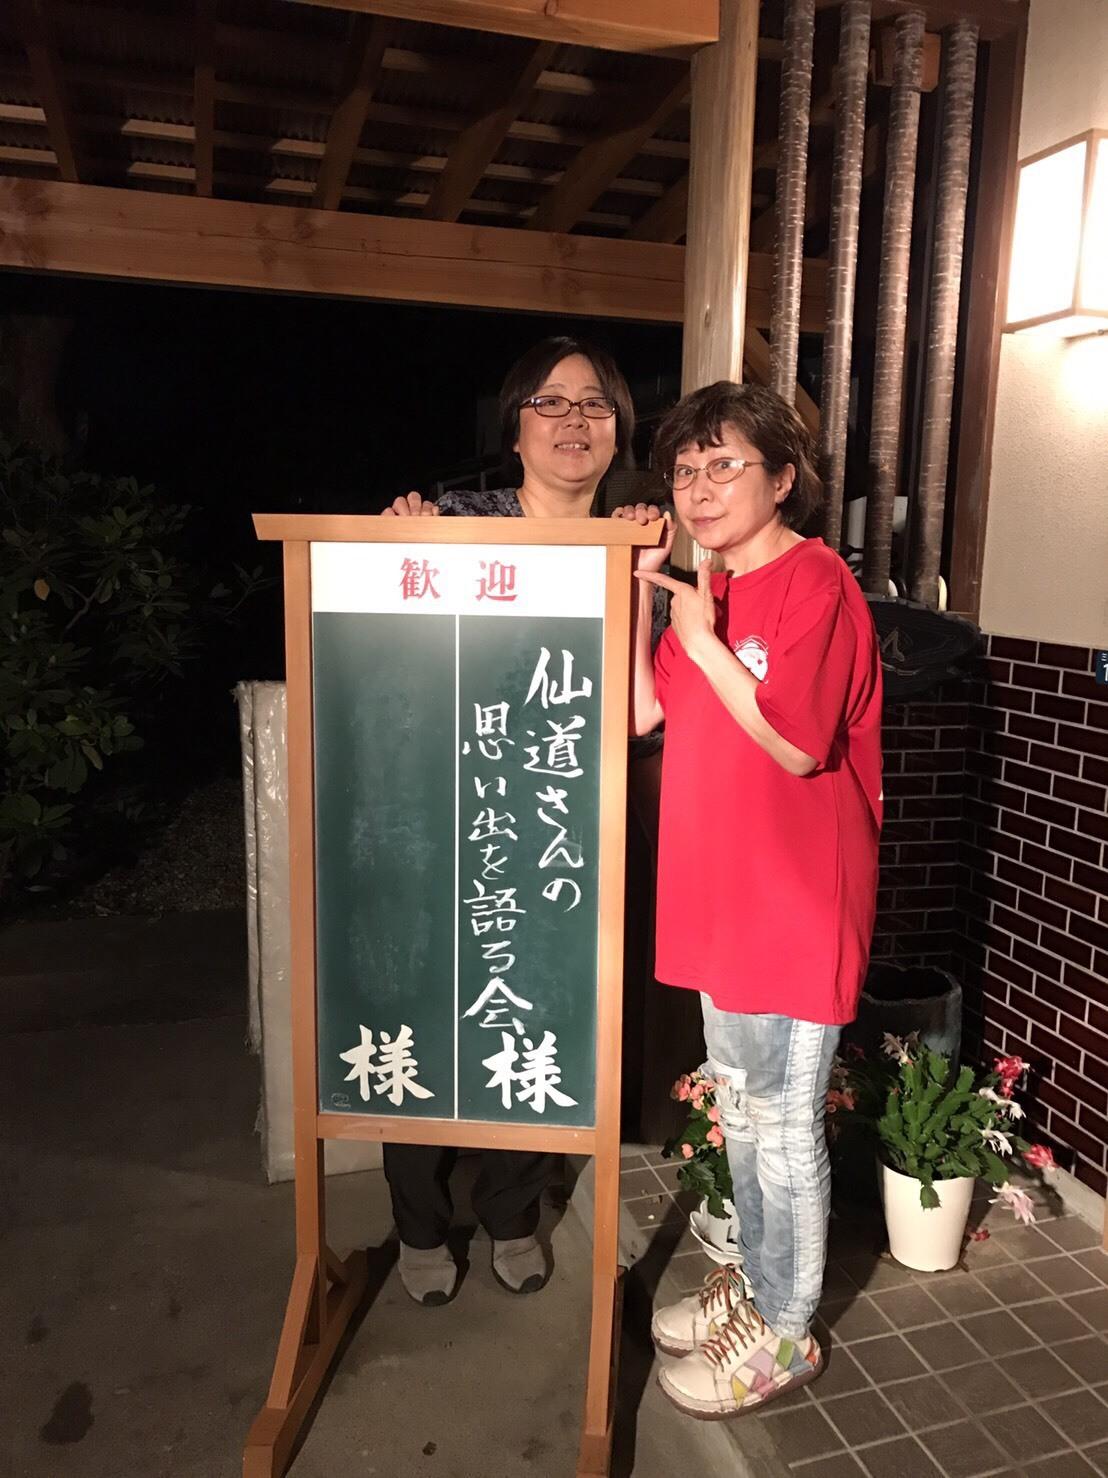 『仙道隆さんの思い出を語る会』_a0163623_22090186.jpg